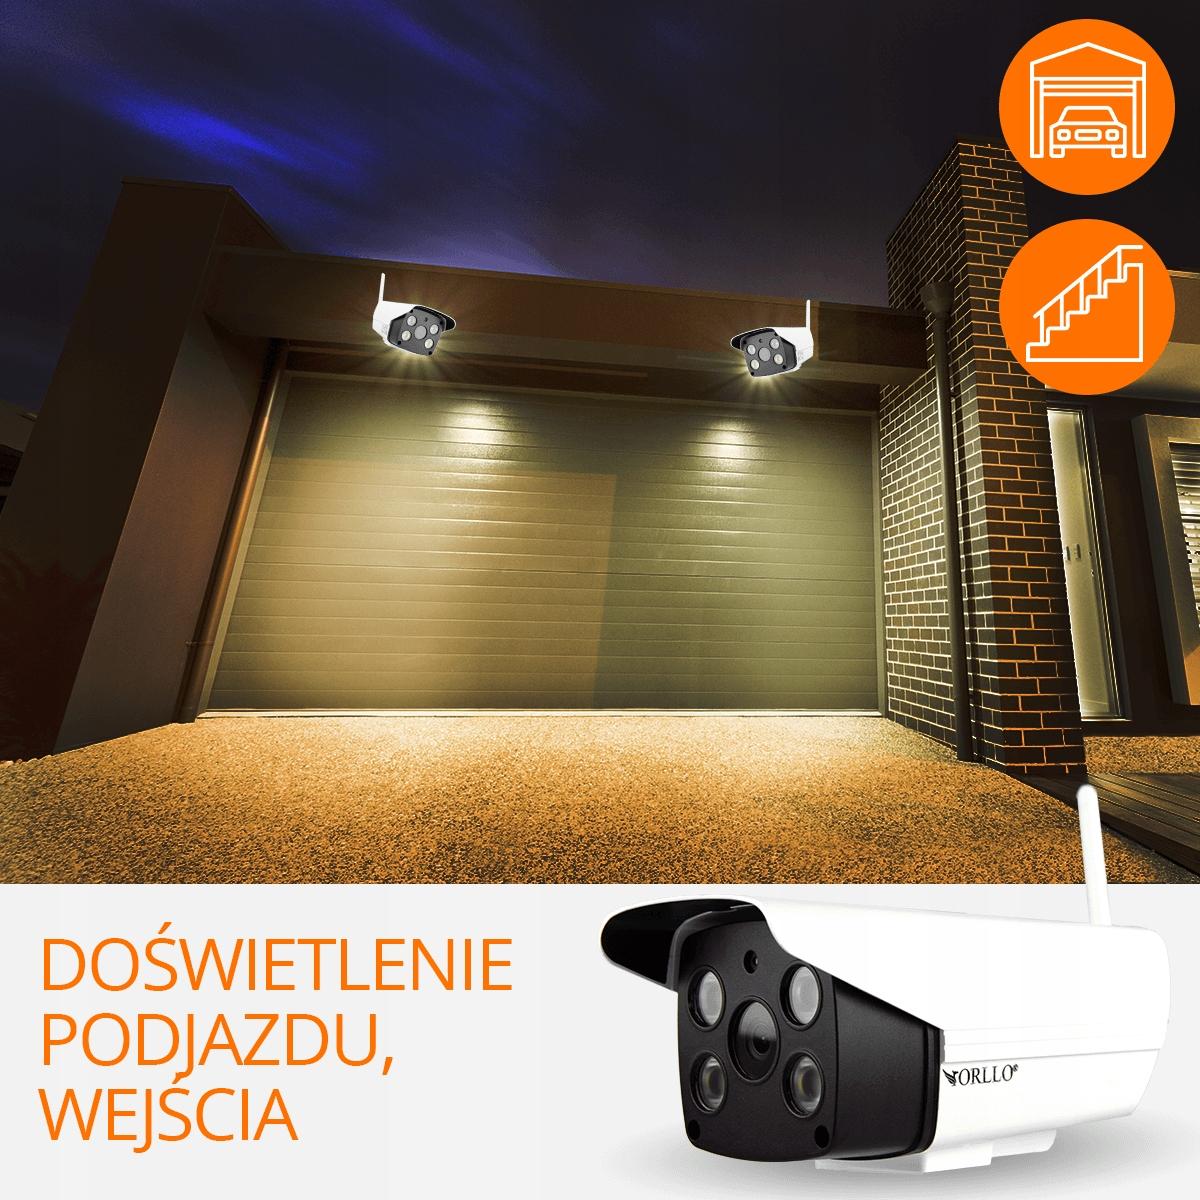 Kamera z Alarmem Zewnętrzna WiFi SYRENA + K. 64 GB Klasa szczelności kamery IP66